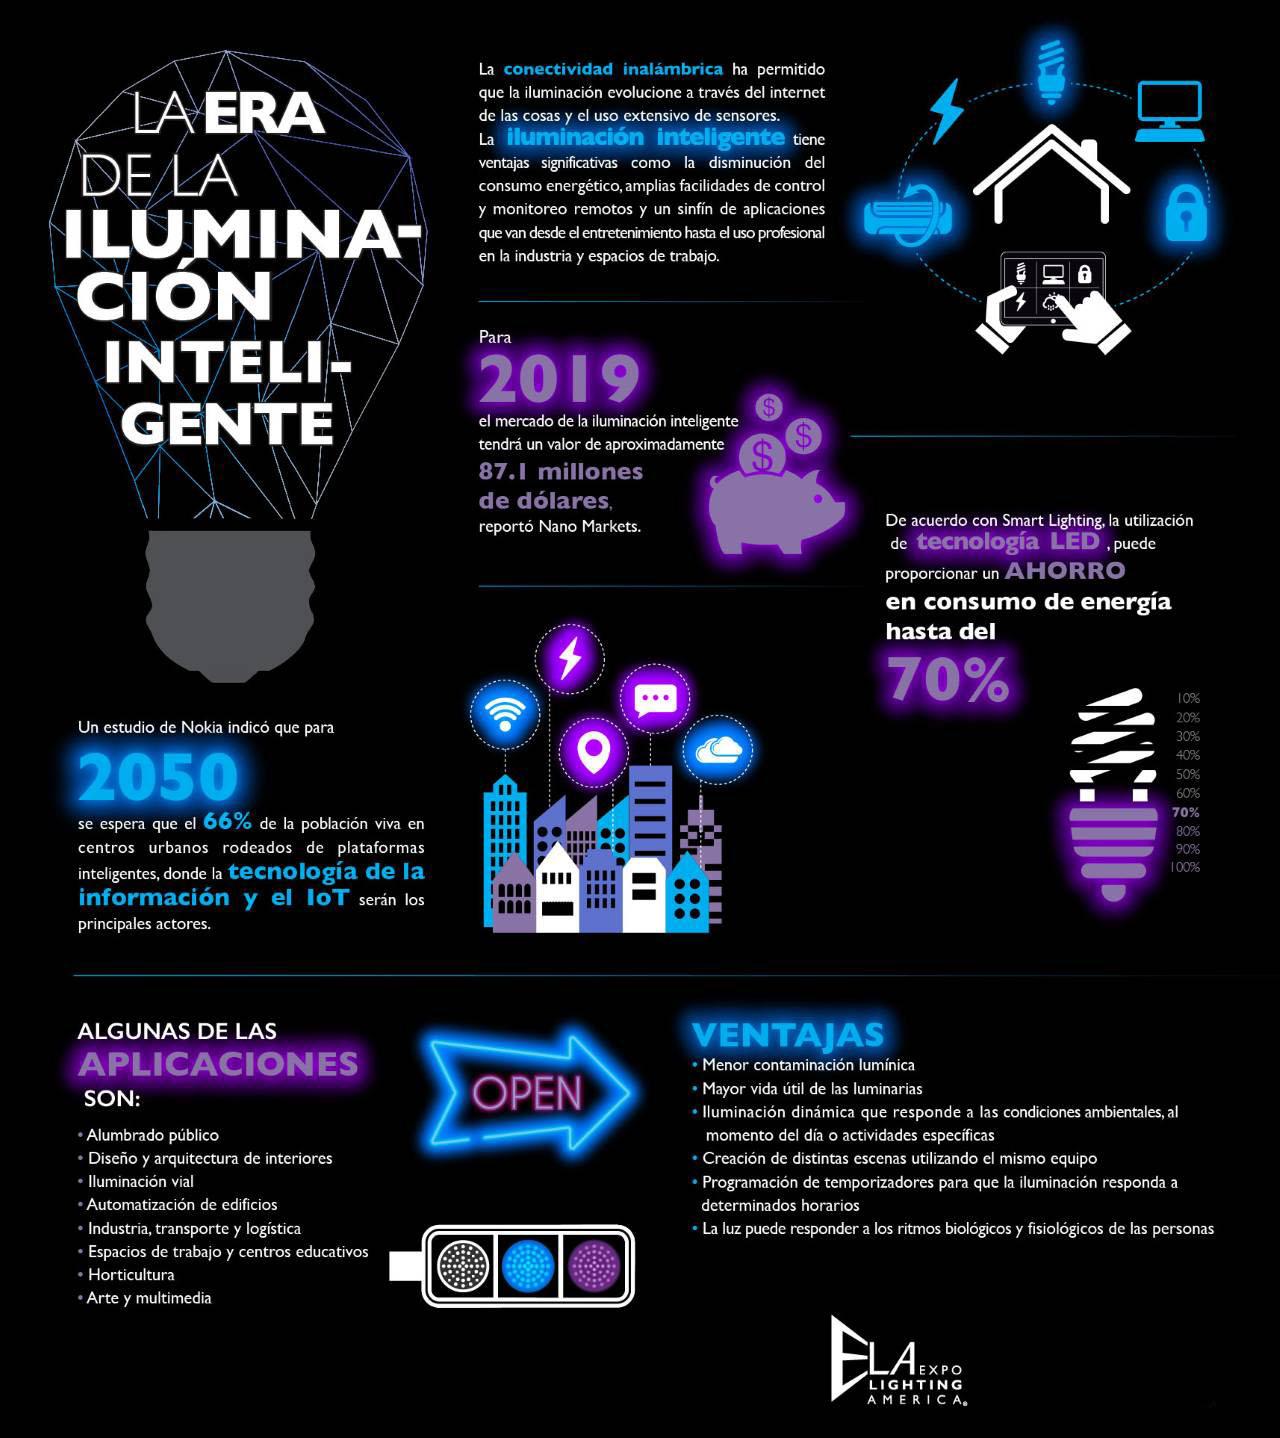 La era de la iluminación inteligente